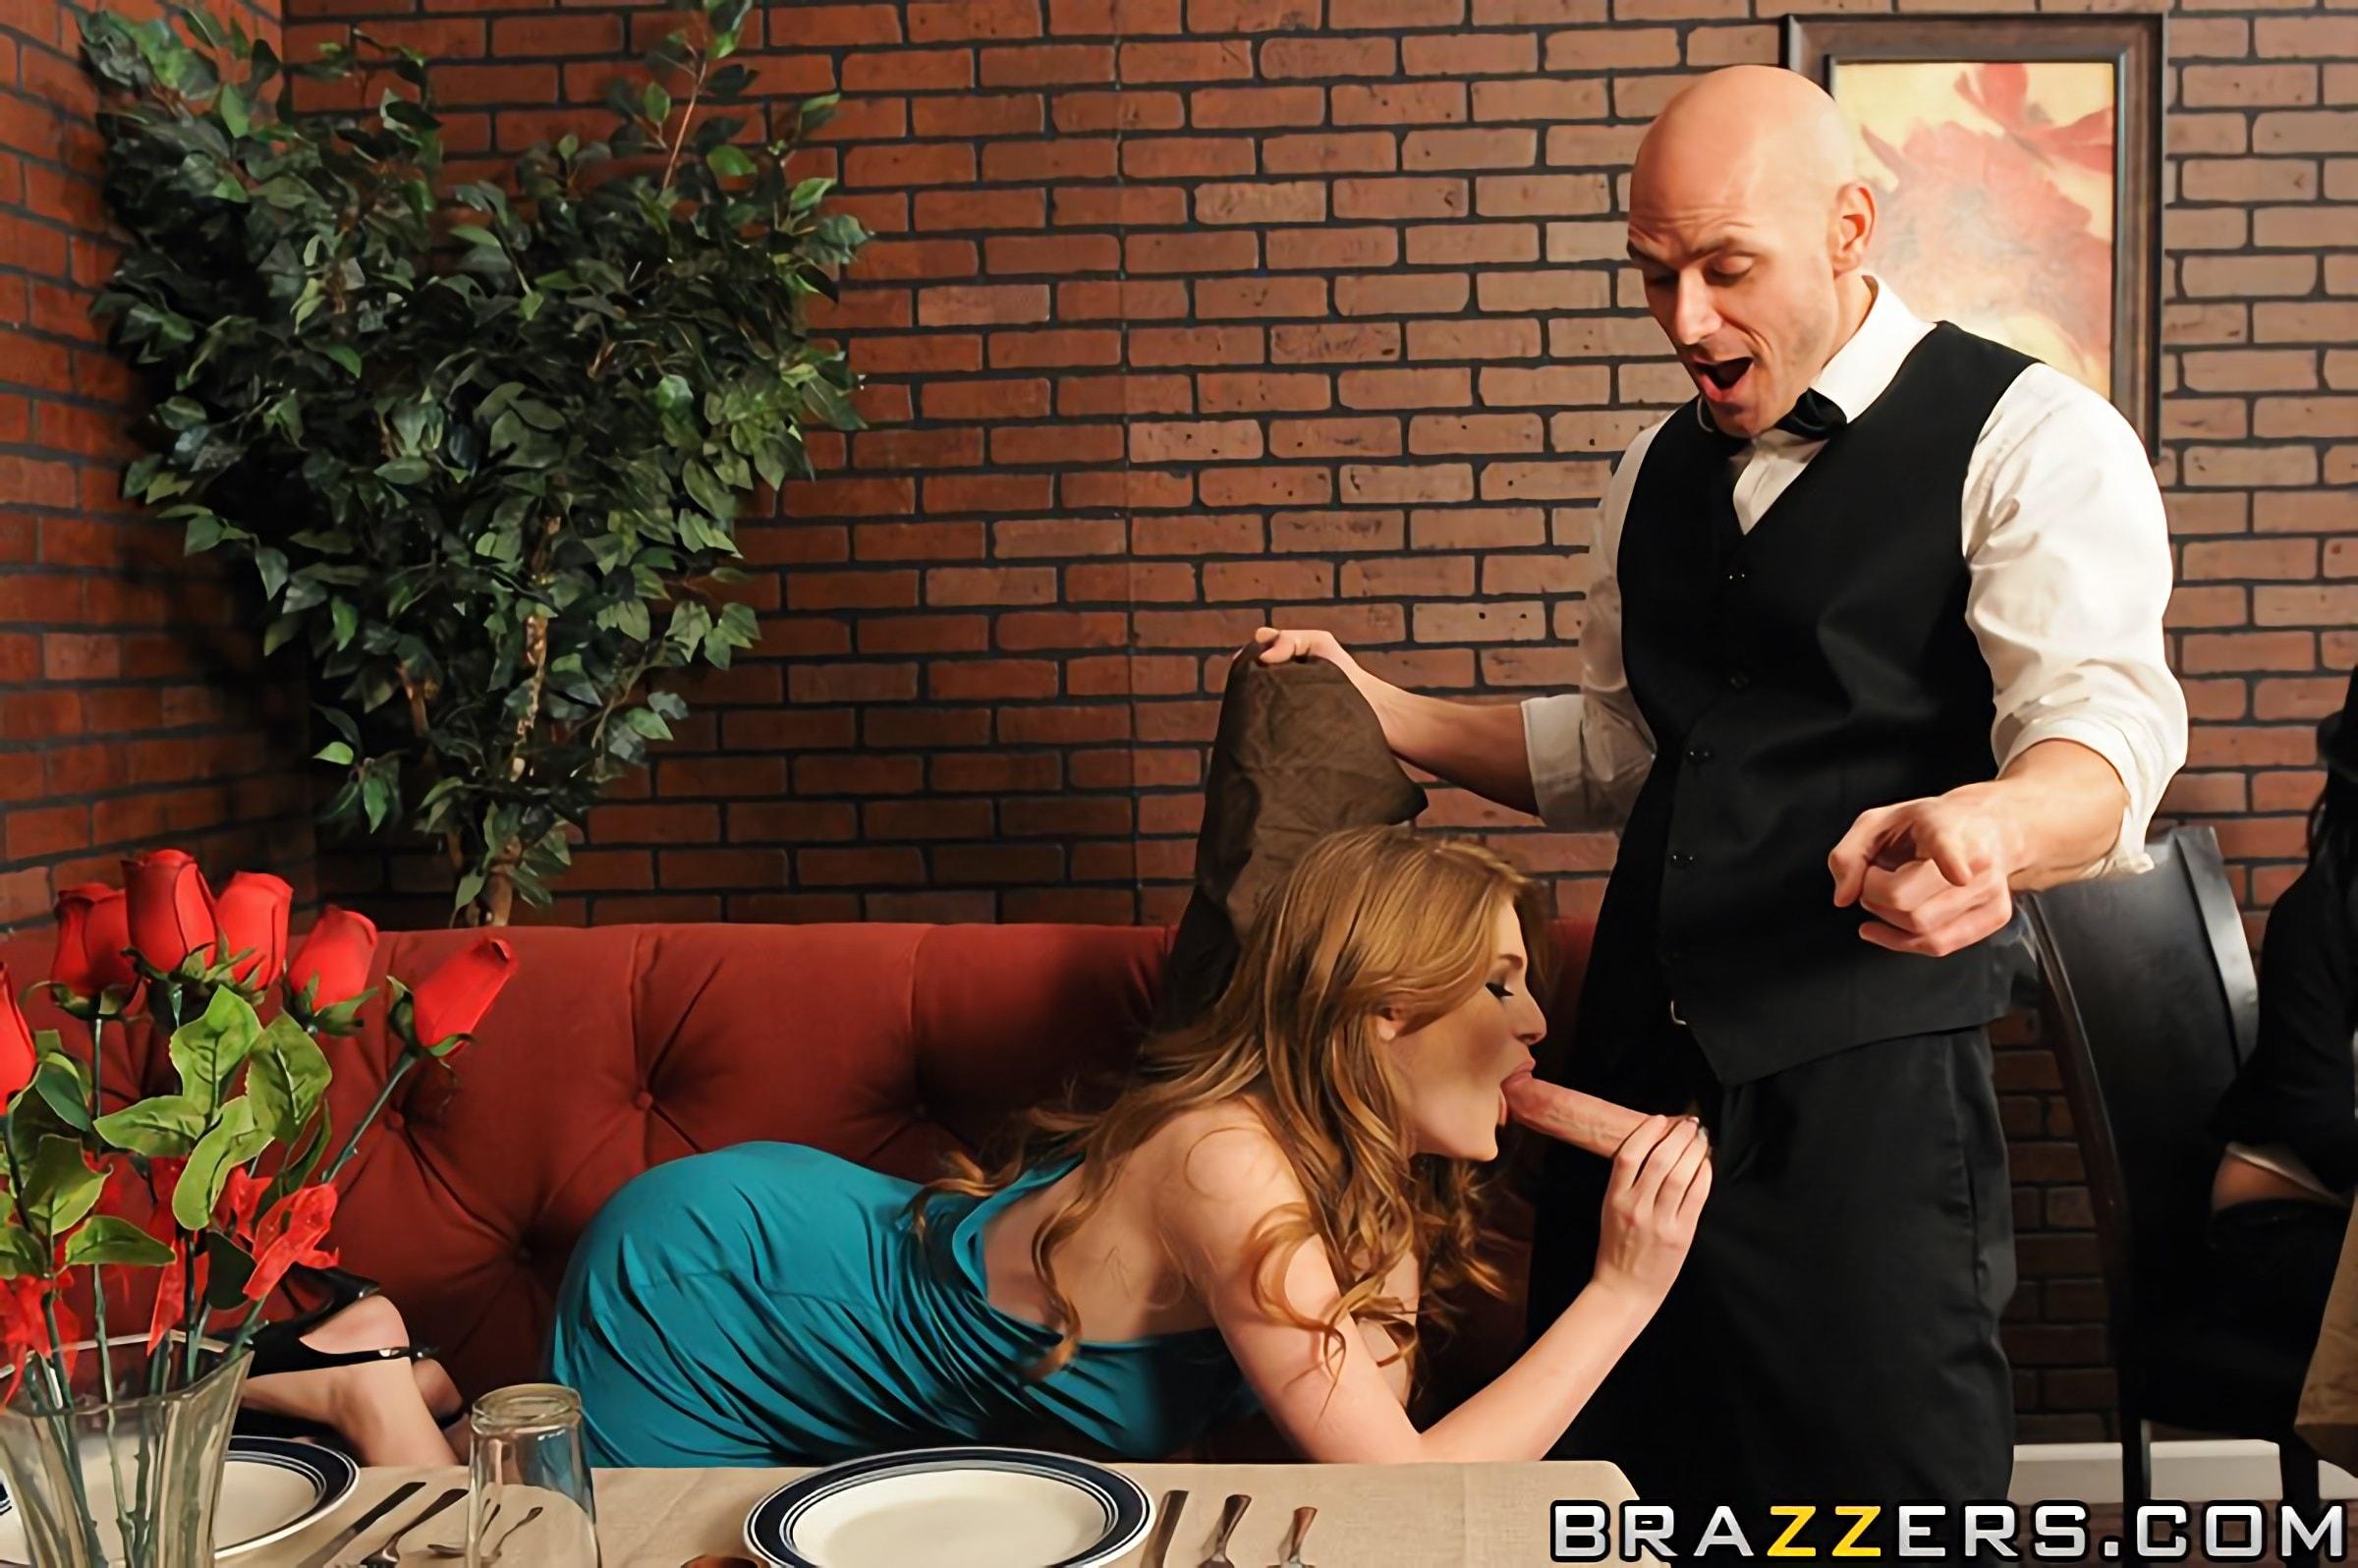 порно после ресторана онлайн - 5